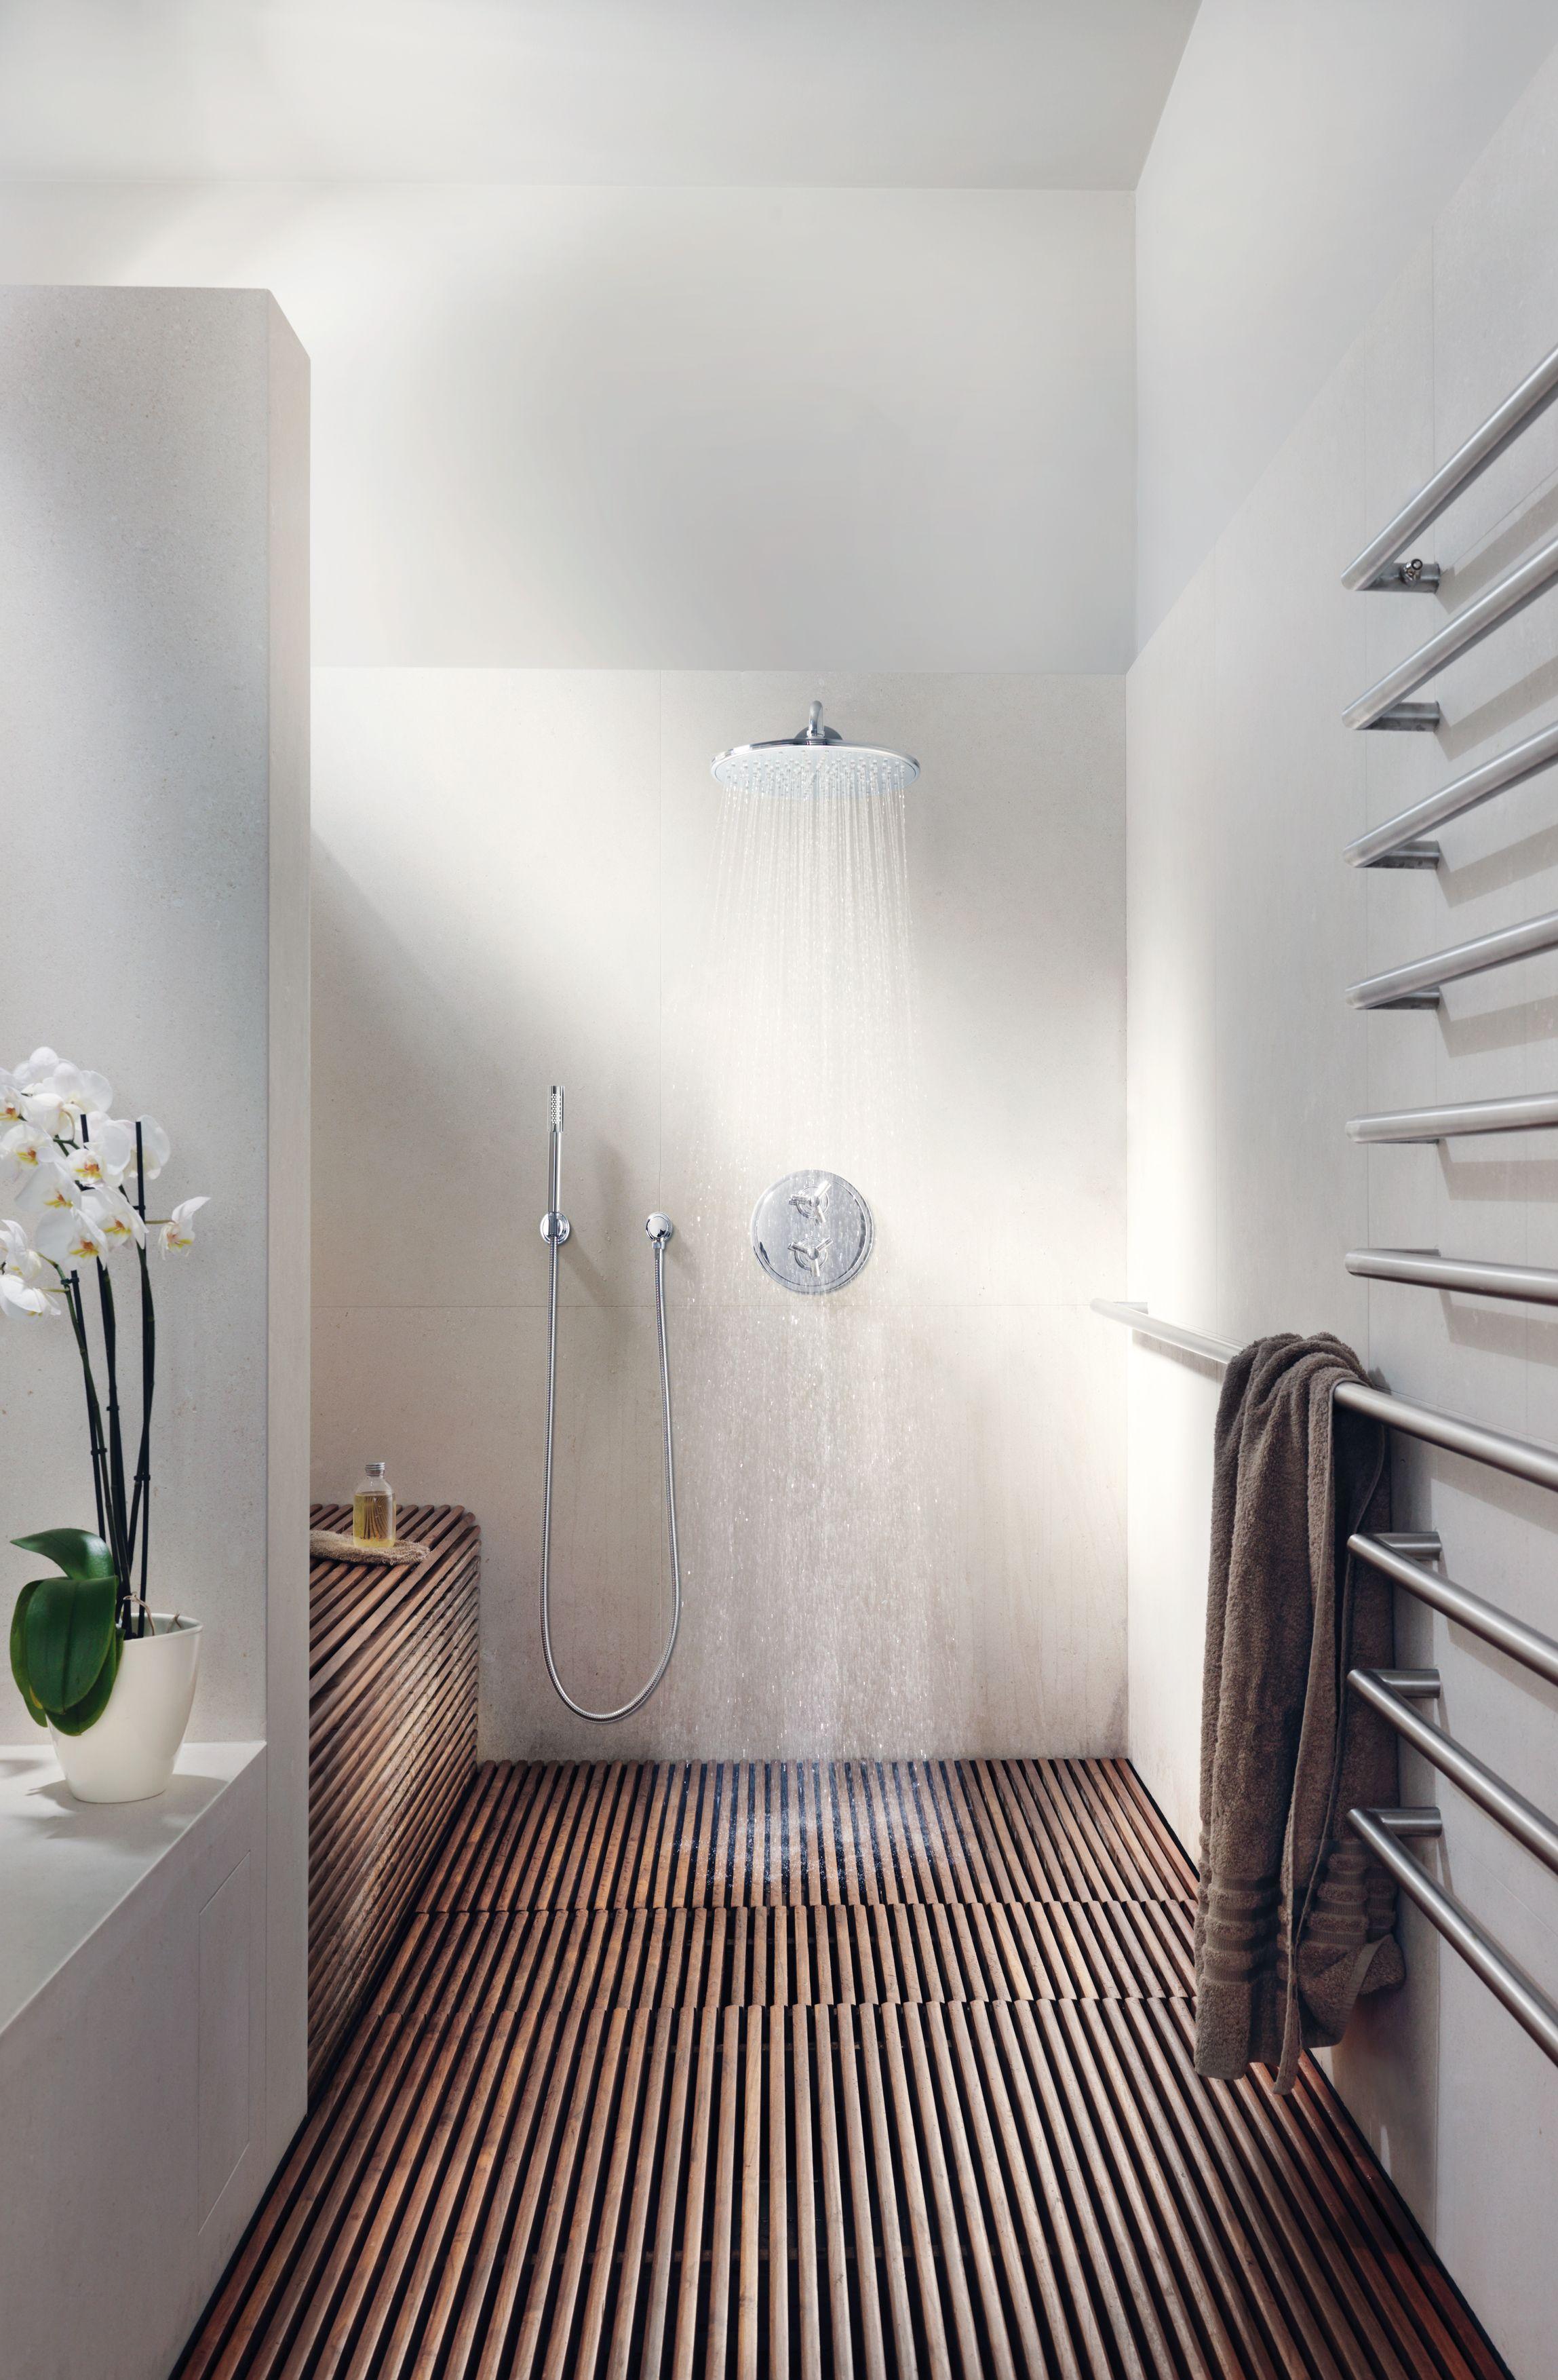 badkamer inspiratie | Pinterest | Badezimmer, Bäder und Zuhause